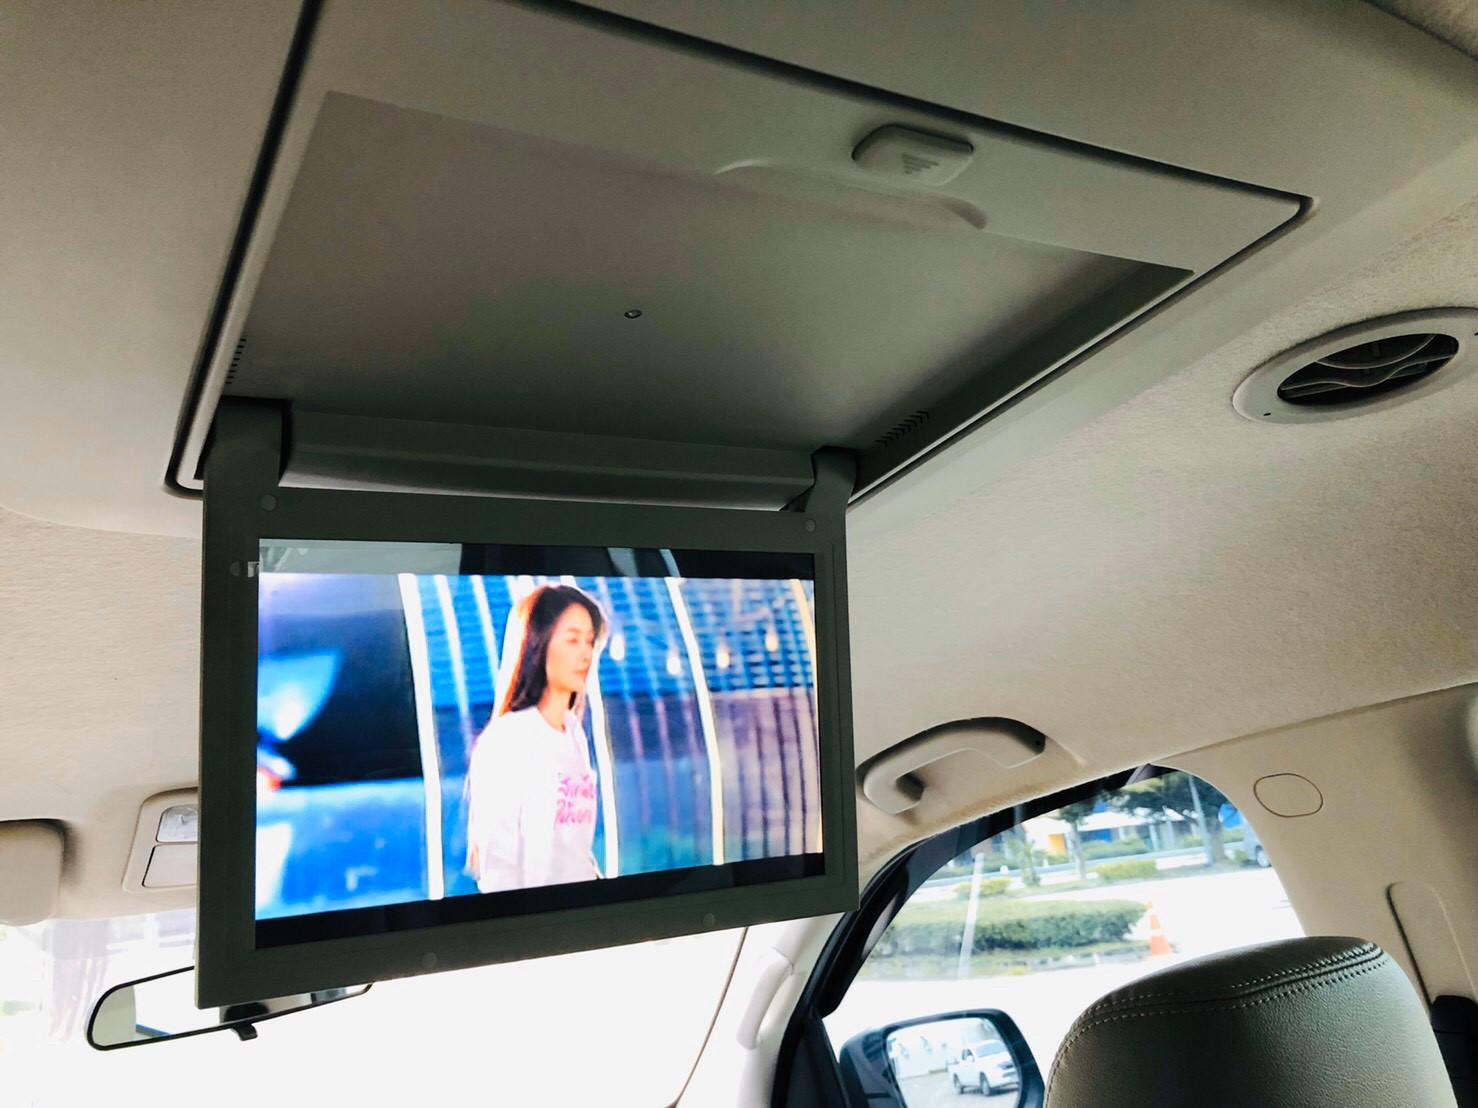 ภาพจอ อีซูซุ มิว-เอ็กซ์ 2.5 DVD 2WD ปี 2014